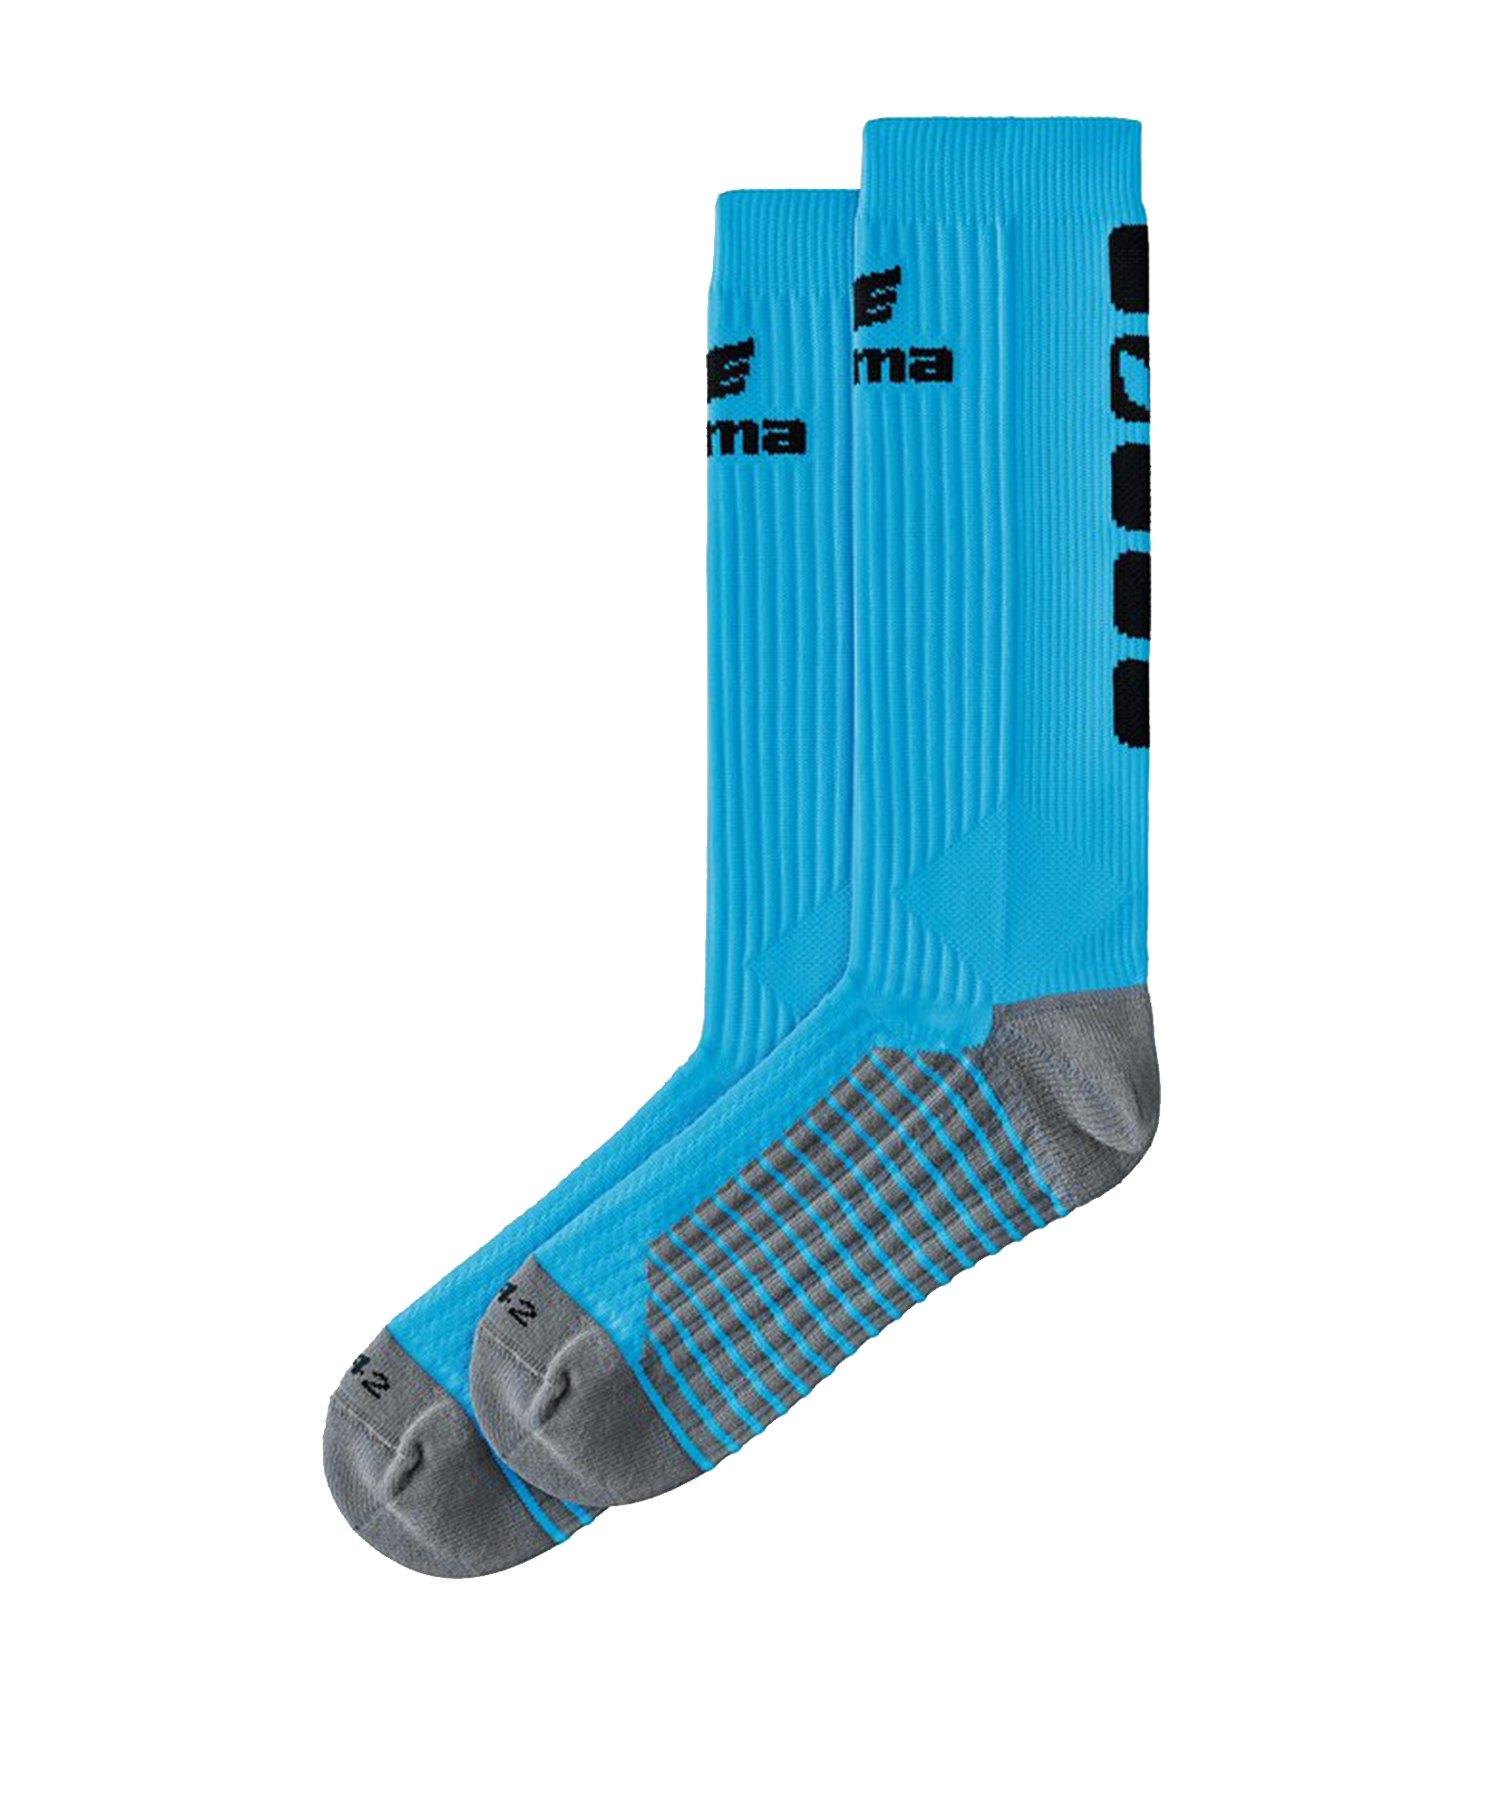 Erima CLASSIC 5-C Socken lang Blau Schwarz - Blau